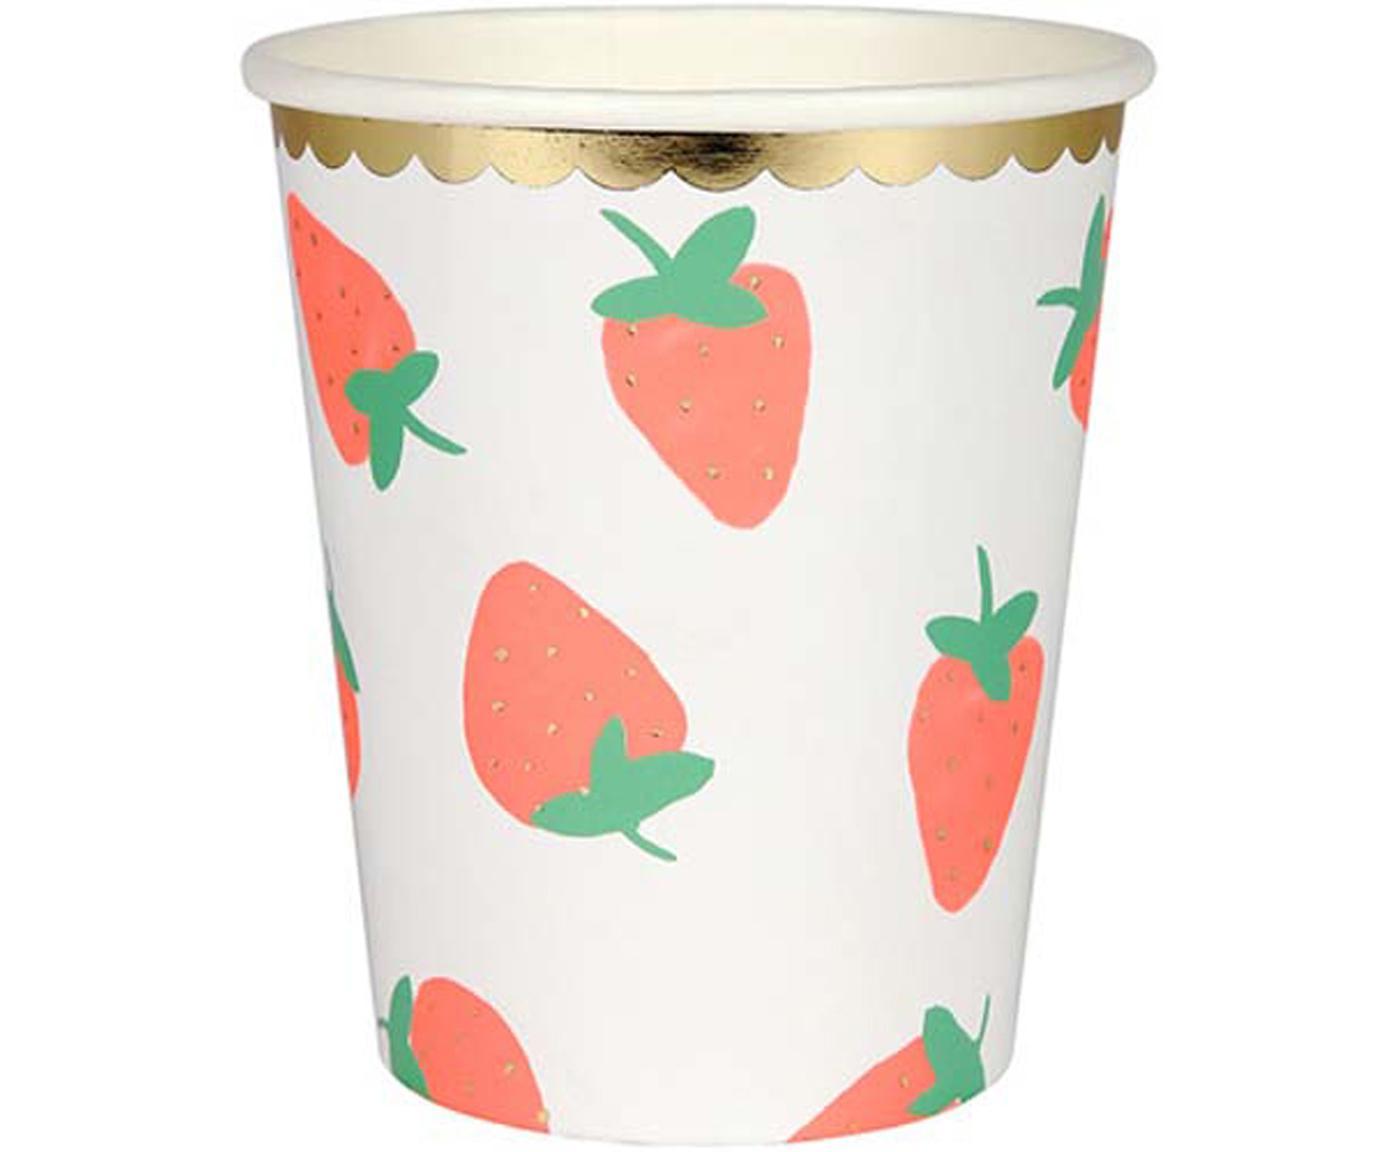 Kubek z papieru Strawberry, 8 szt., Papier, foliowany, Biały, blady różowy, zielony, Ø 8 x W 8 cm